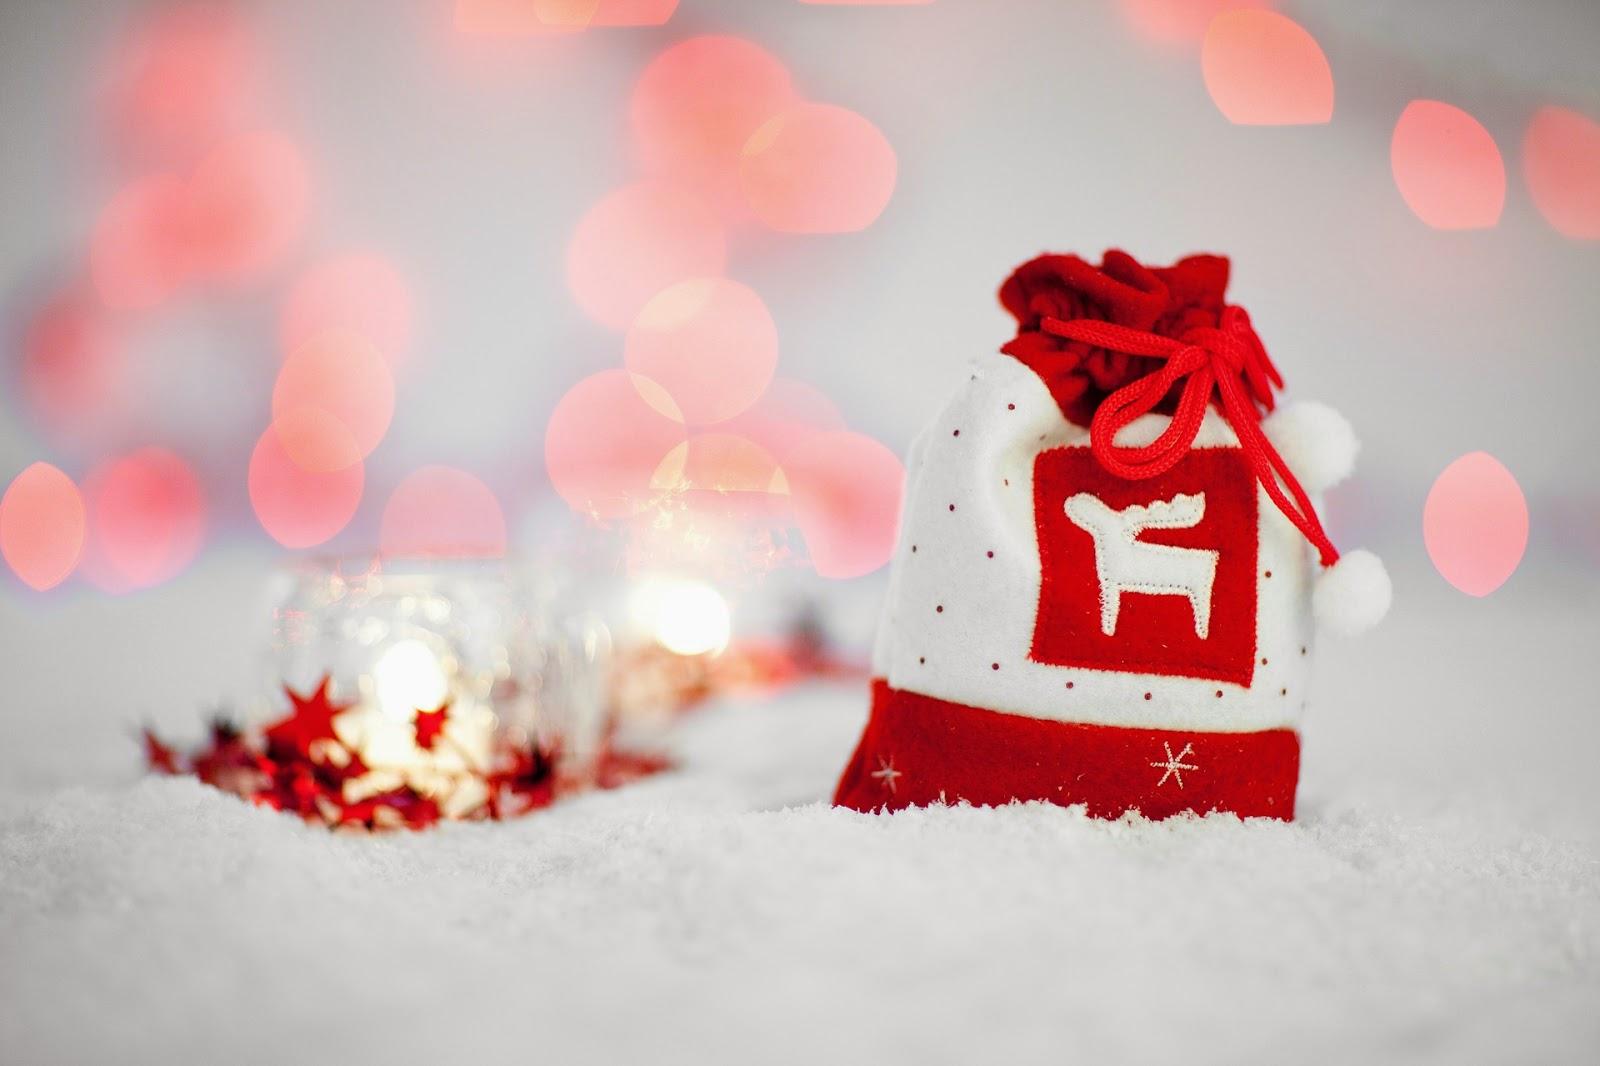 Buon Natale e felice anno nuovo 2015 auguri